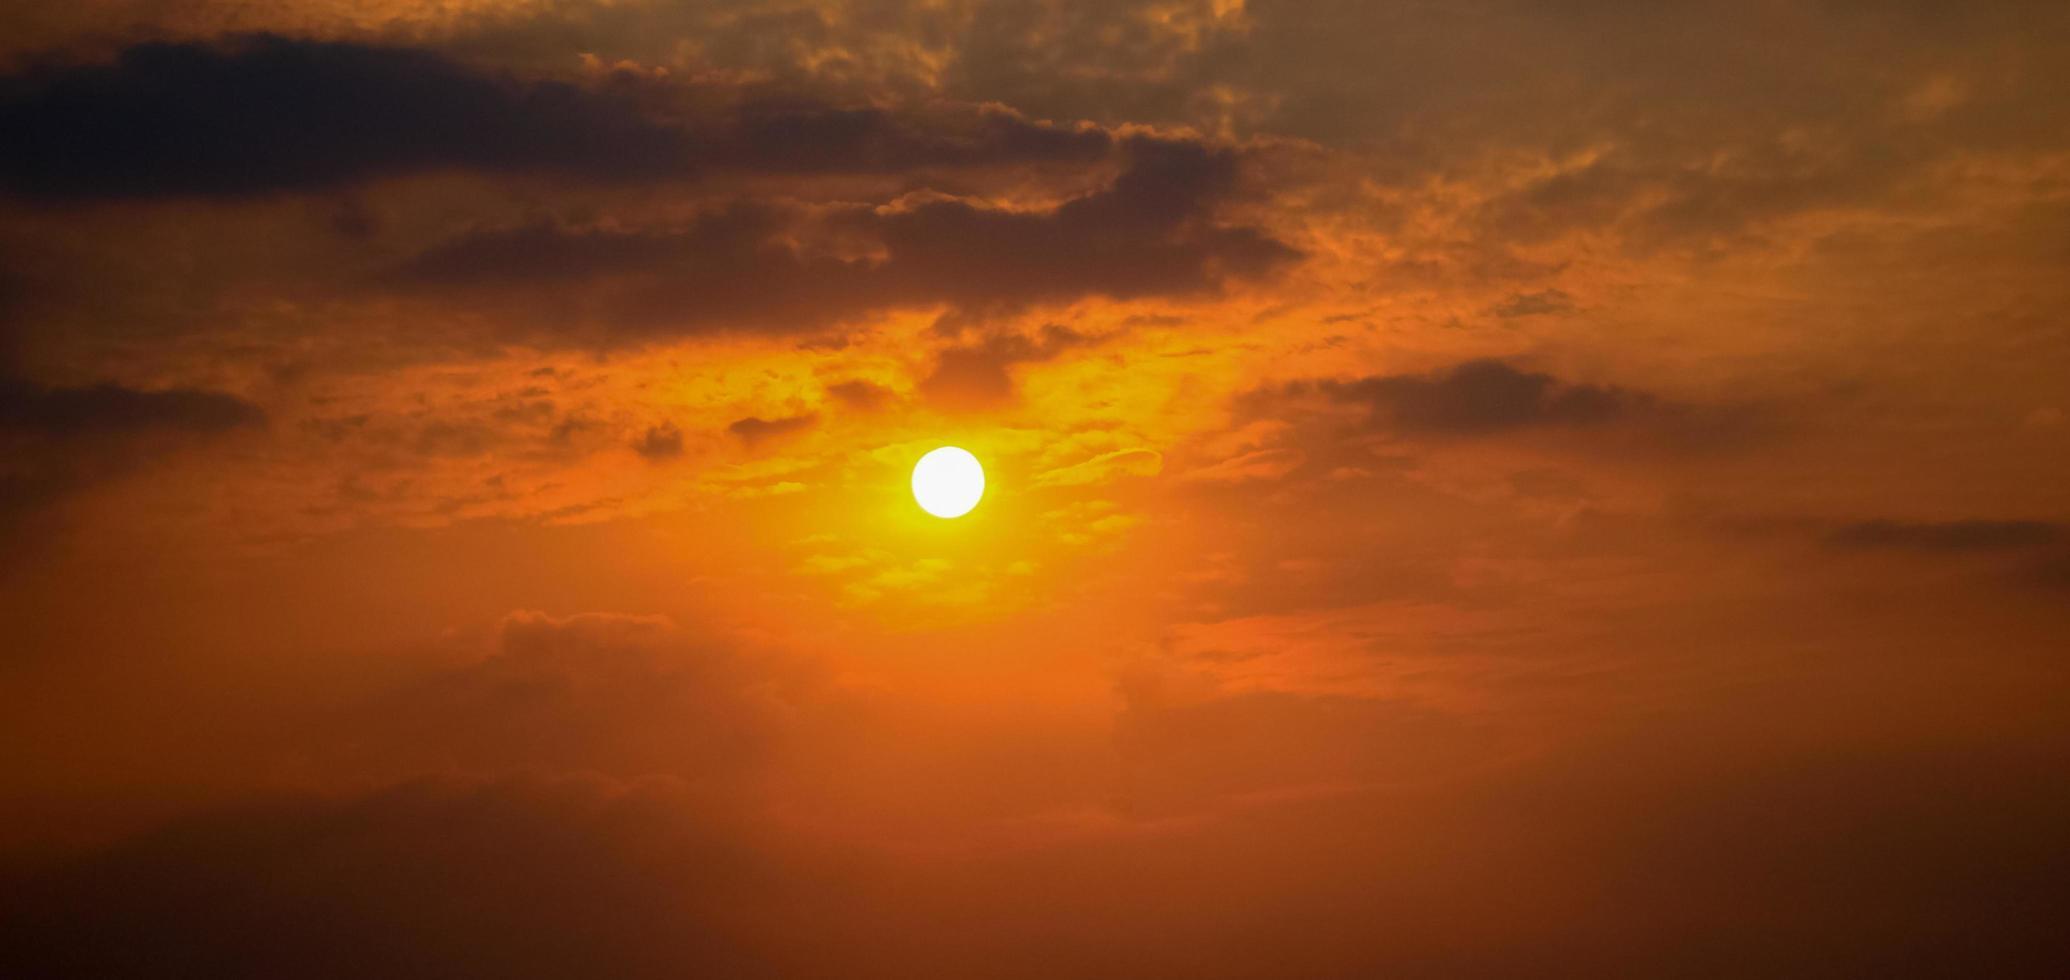 verschwommene Sonne und schöner orangefarbener Himmel foto